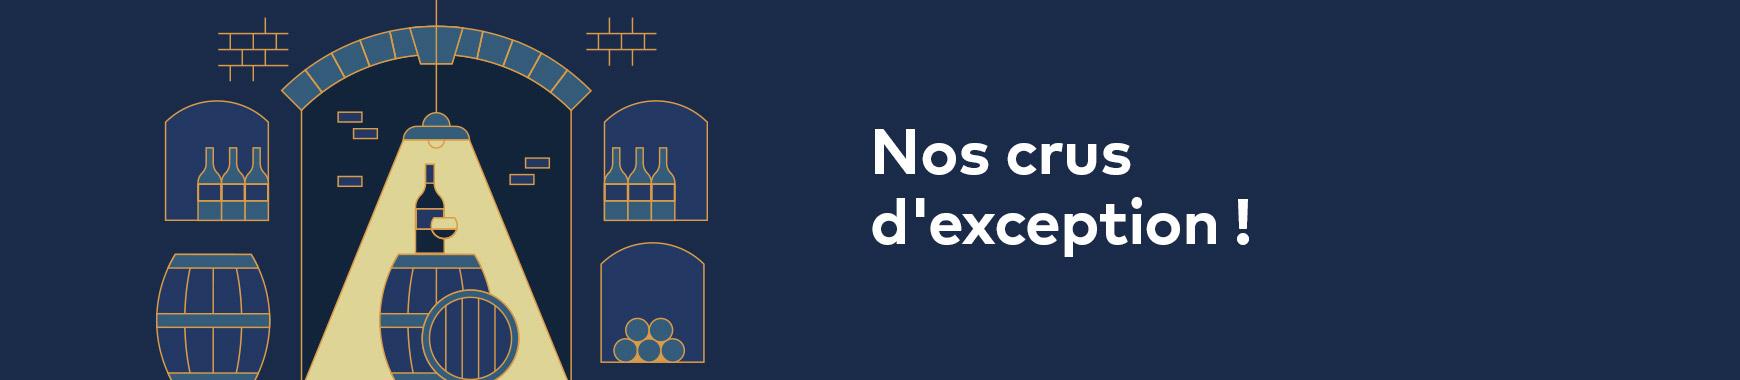 Crus d'exception